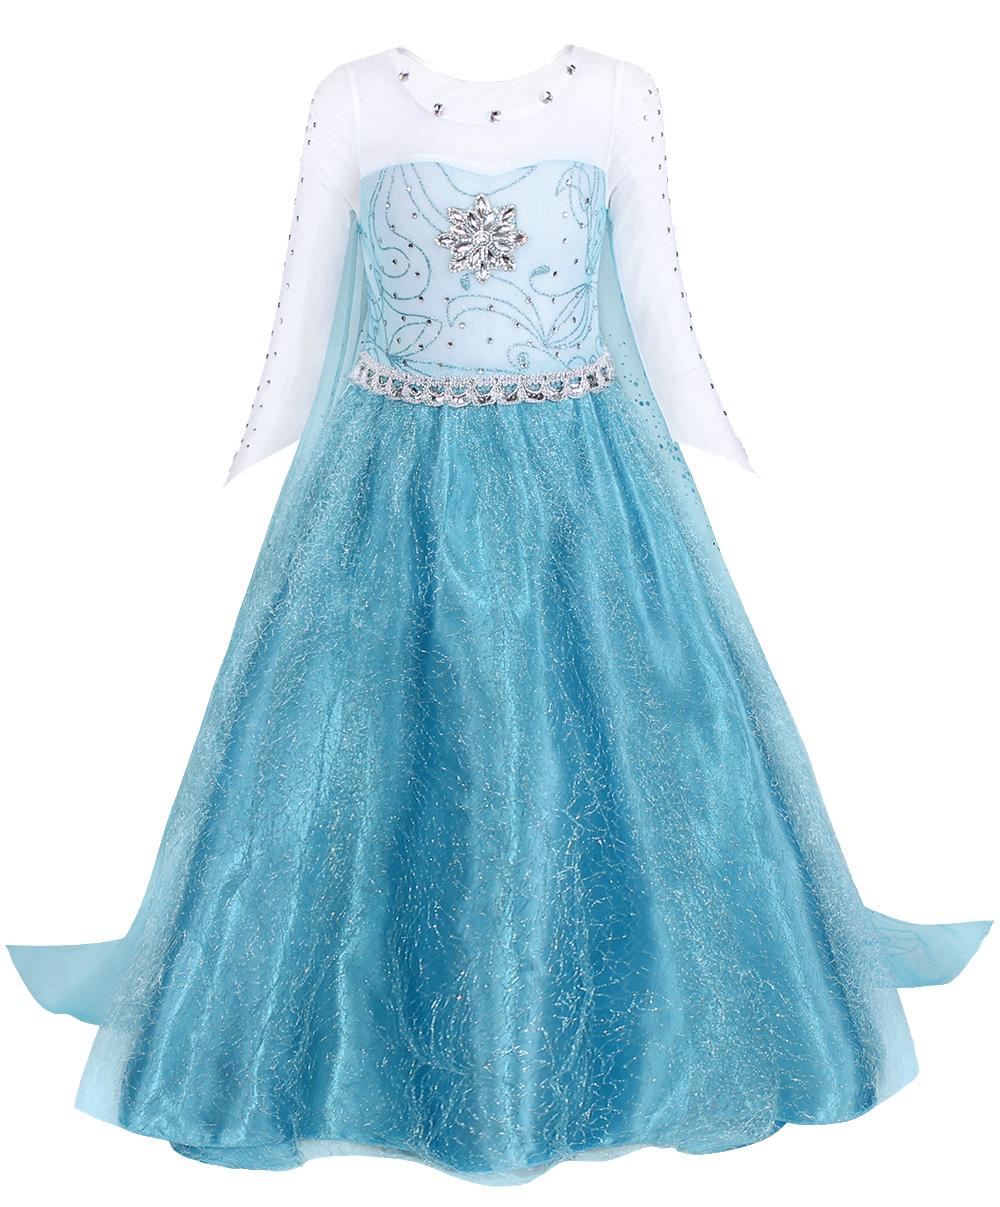 Vendita Calda Congelato Elsa Anna Principessa Dress Up Halloween Cosplay Costume Con La Principessa Corona Bacchetta